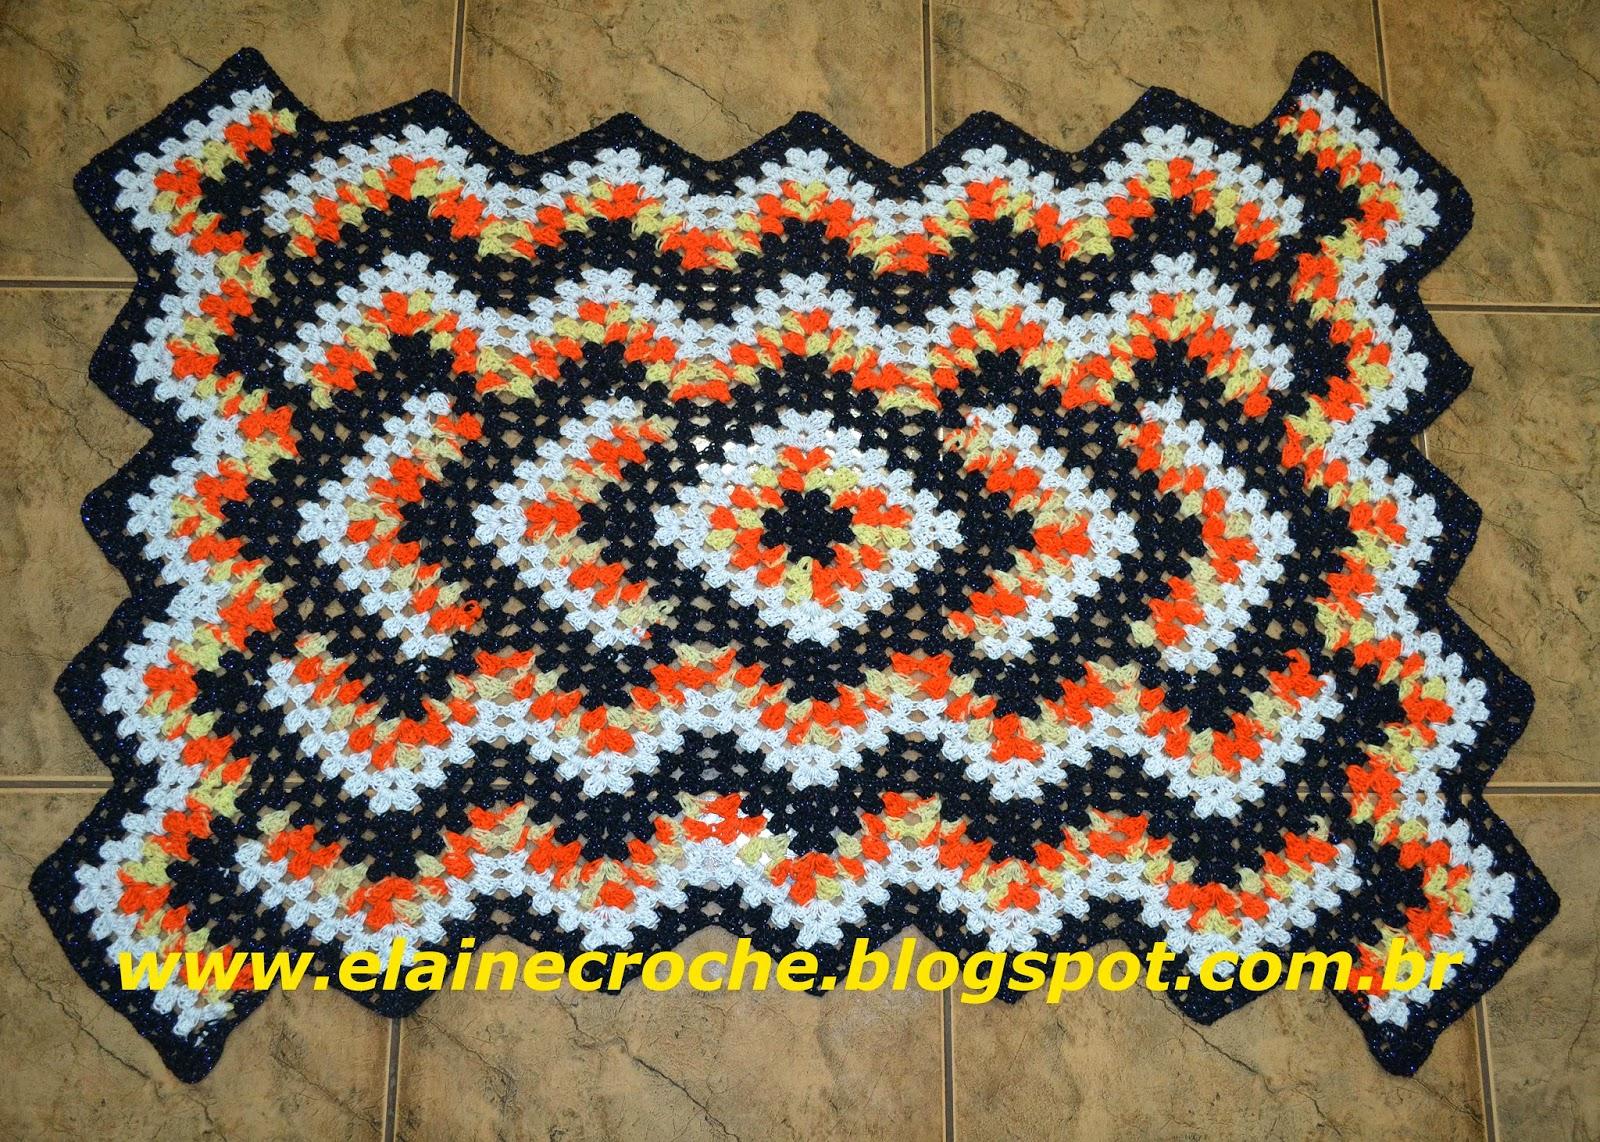 Tapetes de croch on pinterest crochet rugs crochet for Tapetes de crochet